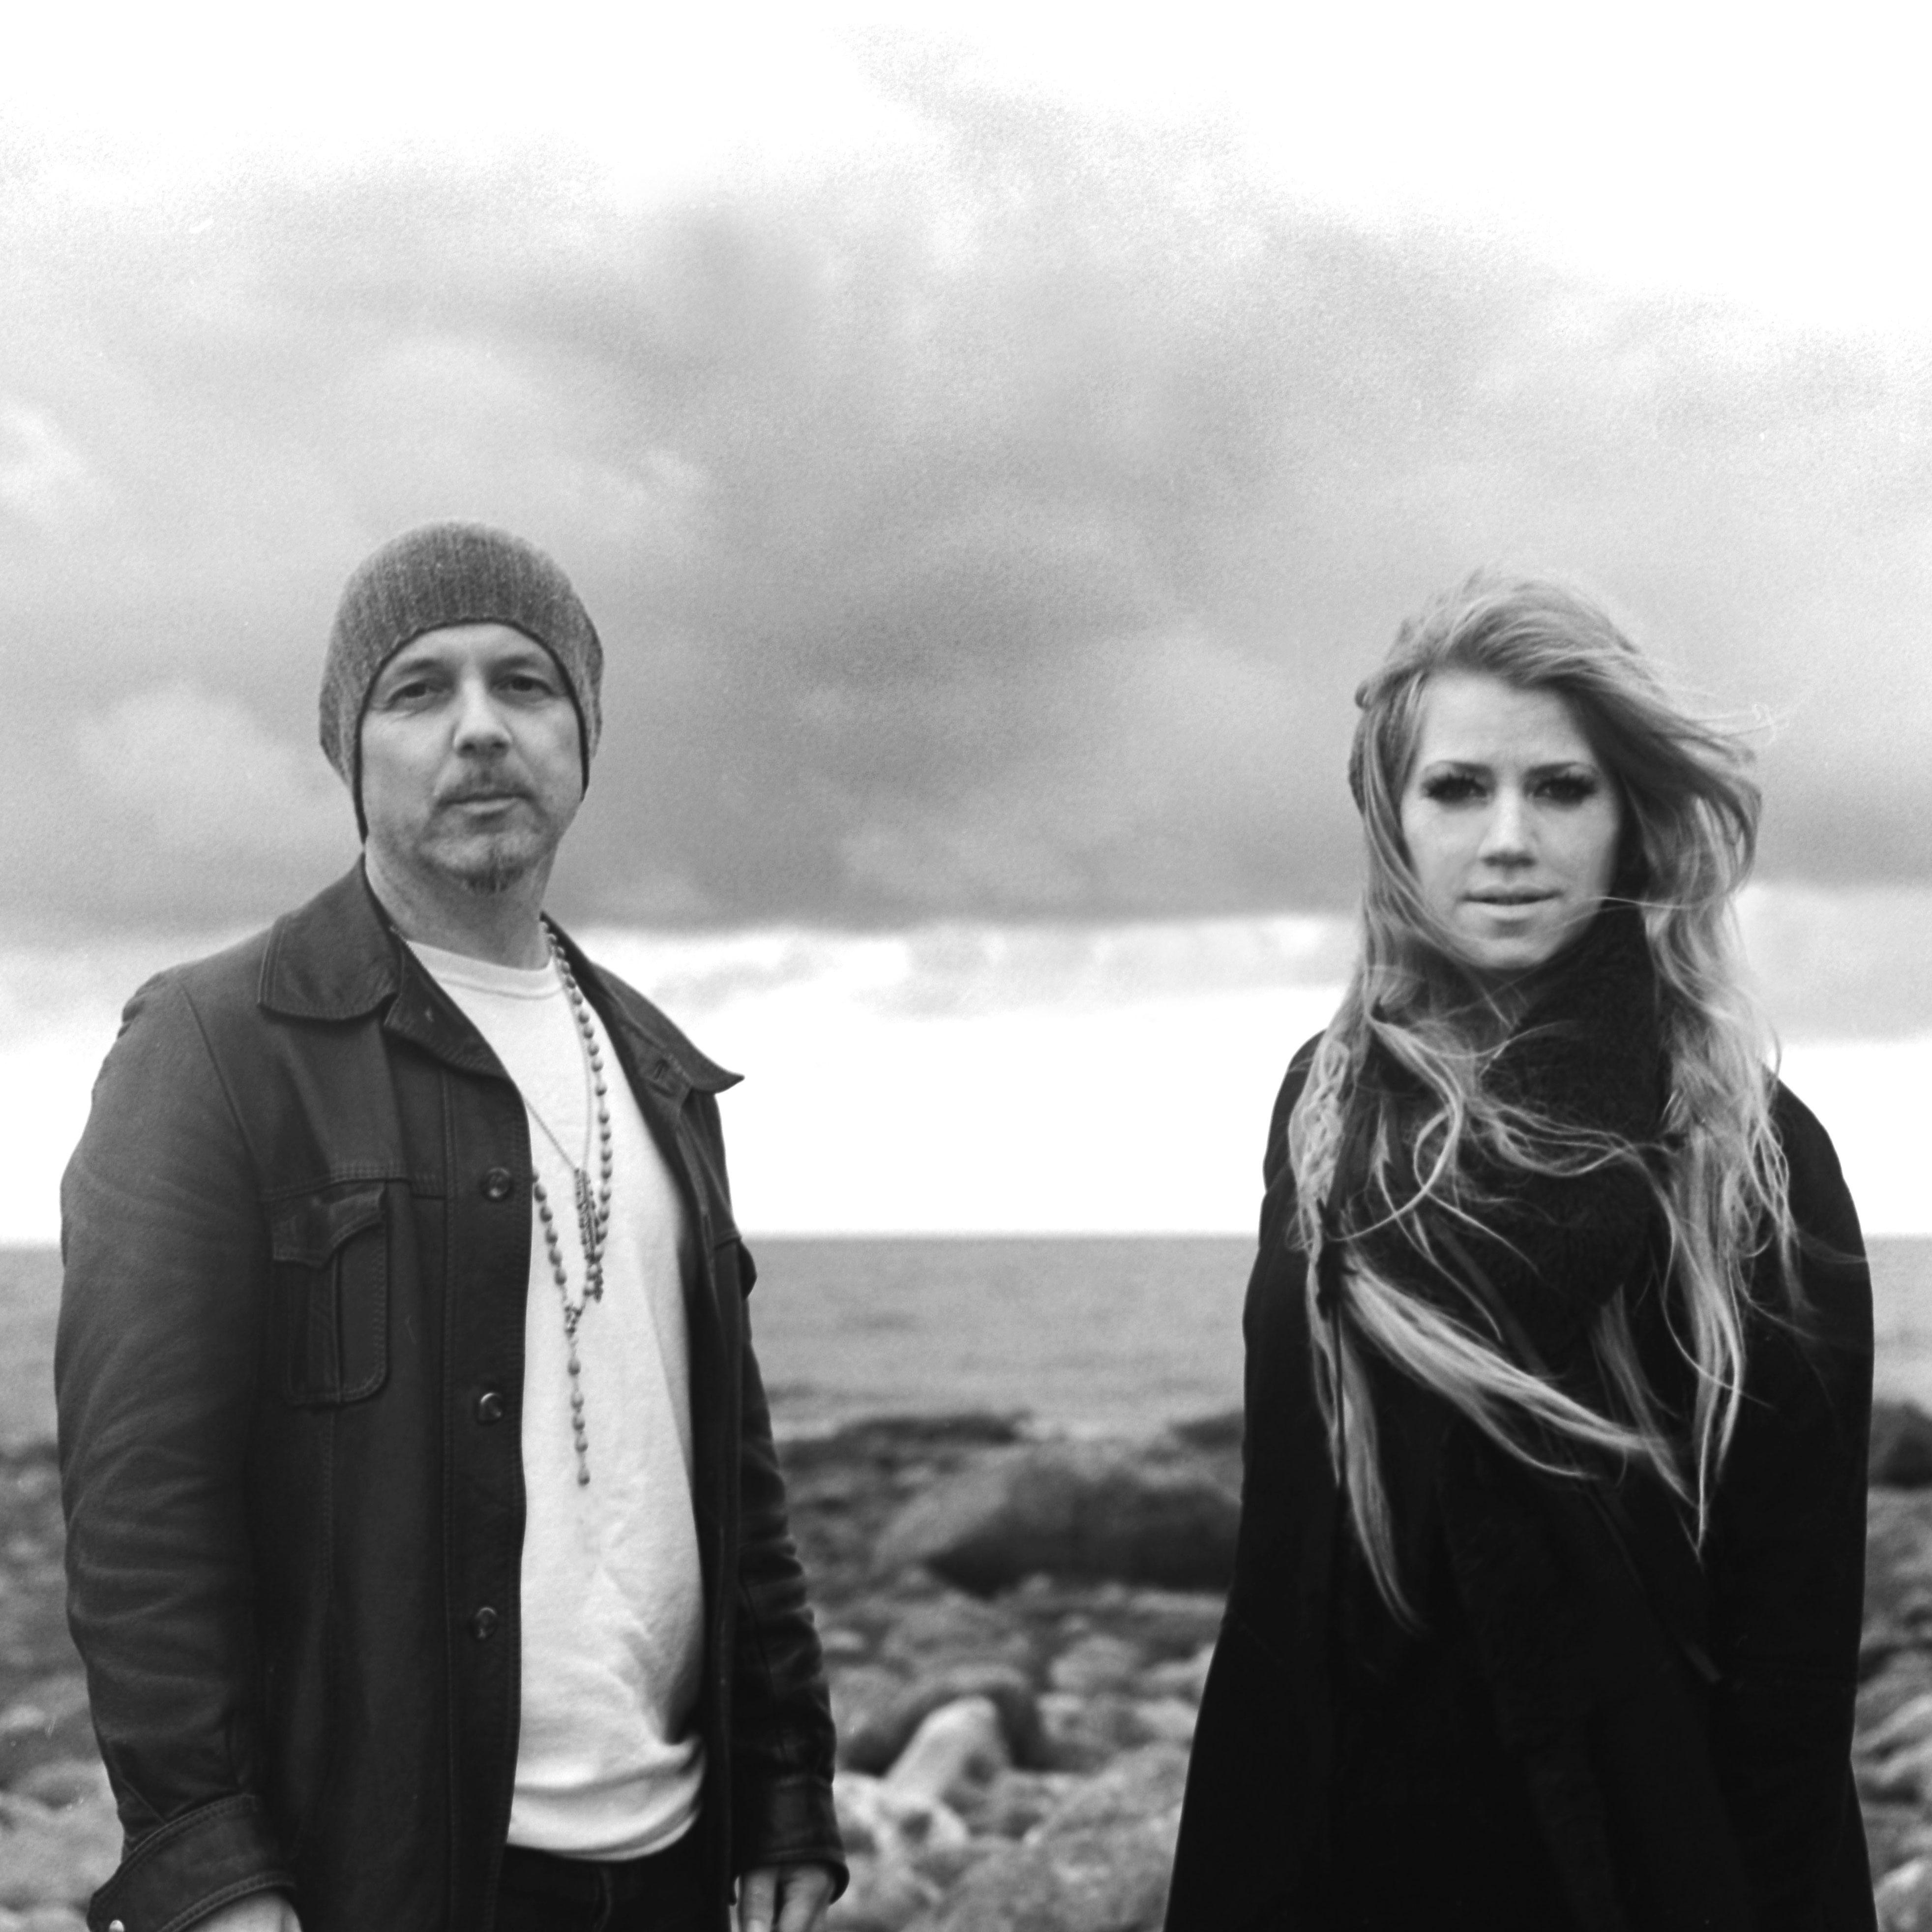 Musikalsk skalldyrcruise og konsert med Myrull i Farsunds skjærgård